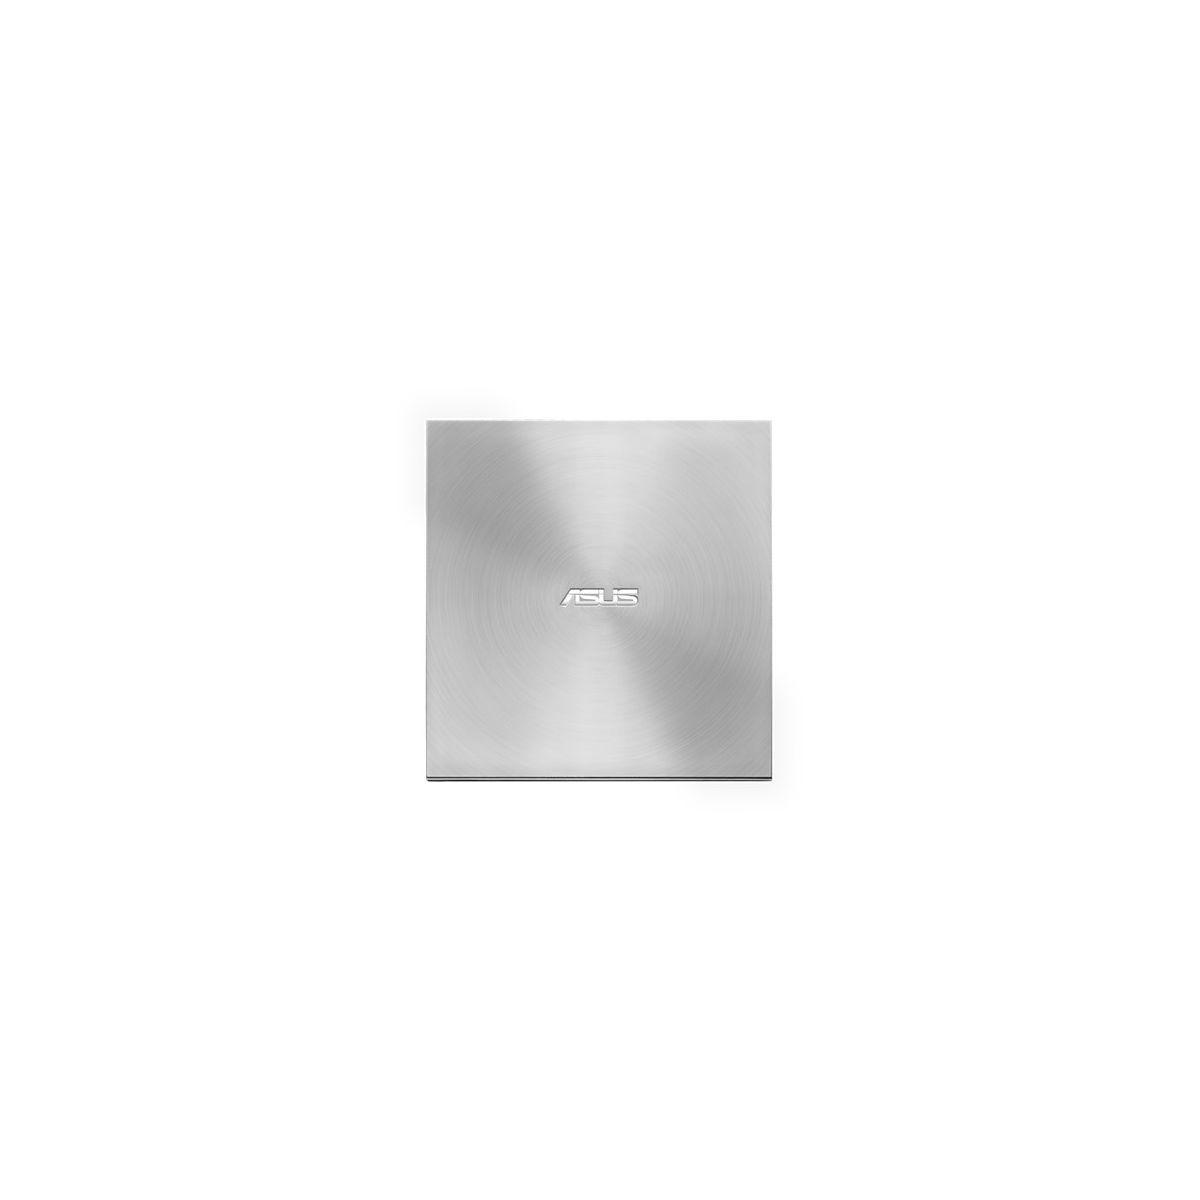 Graveur externe asus sdrw-08u7m-u/sil/g/as/p2g - 2% de remise imm�diate avec le code : wd2 (photo)